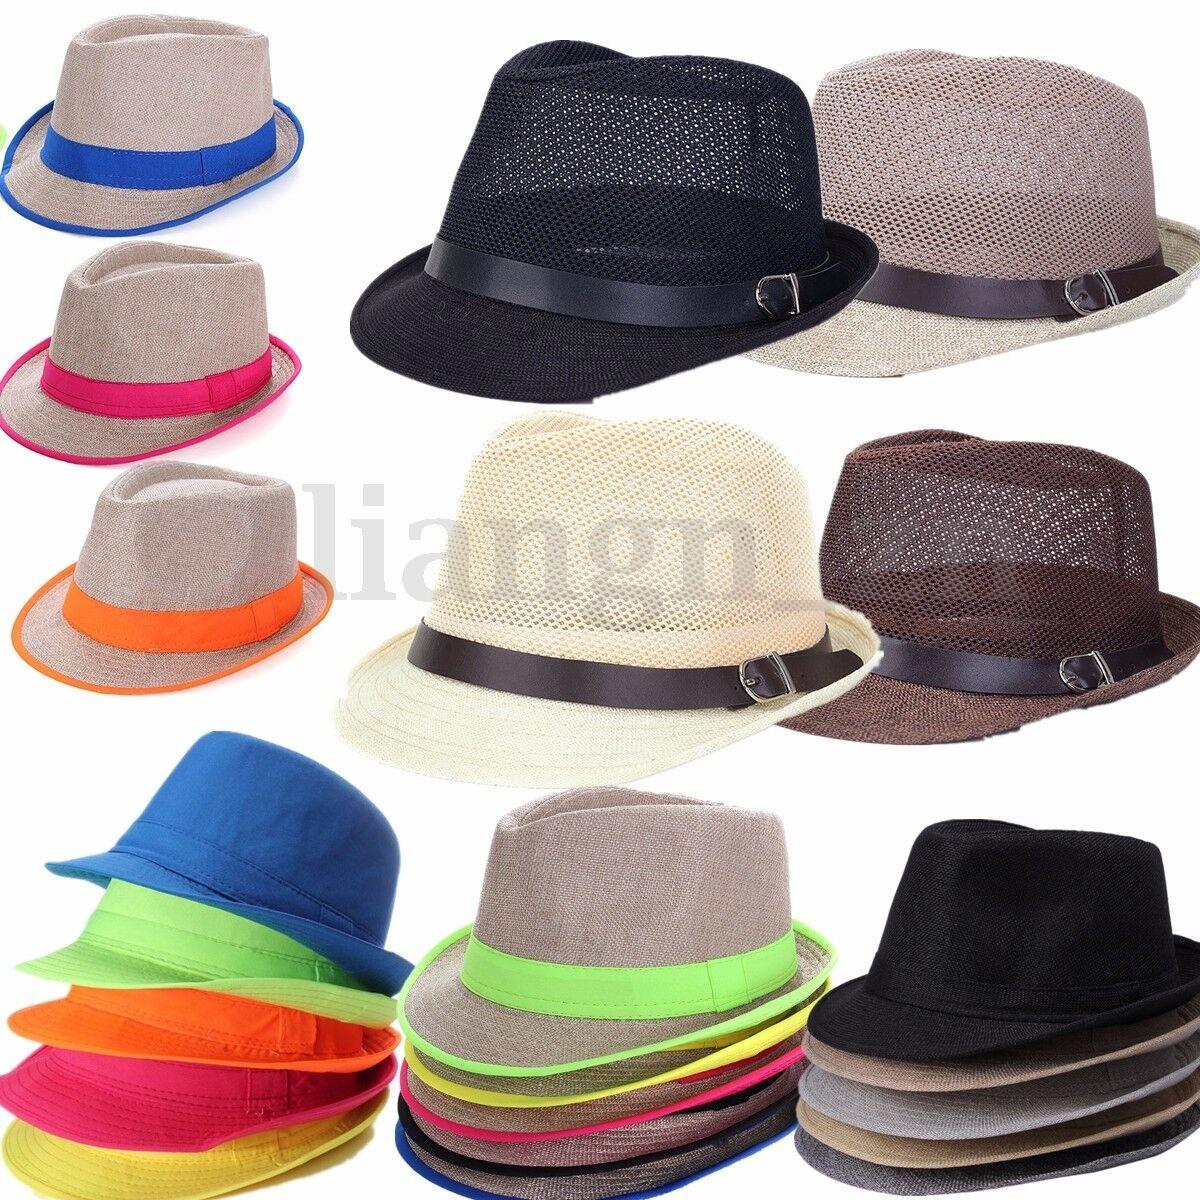 Homme Femme Chapeau Panama Jazz Eté Plage Mode Soleil Capeline Bonnet Unisexe